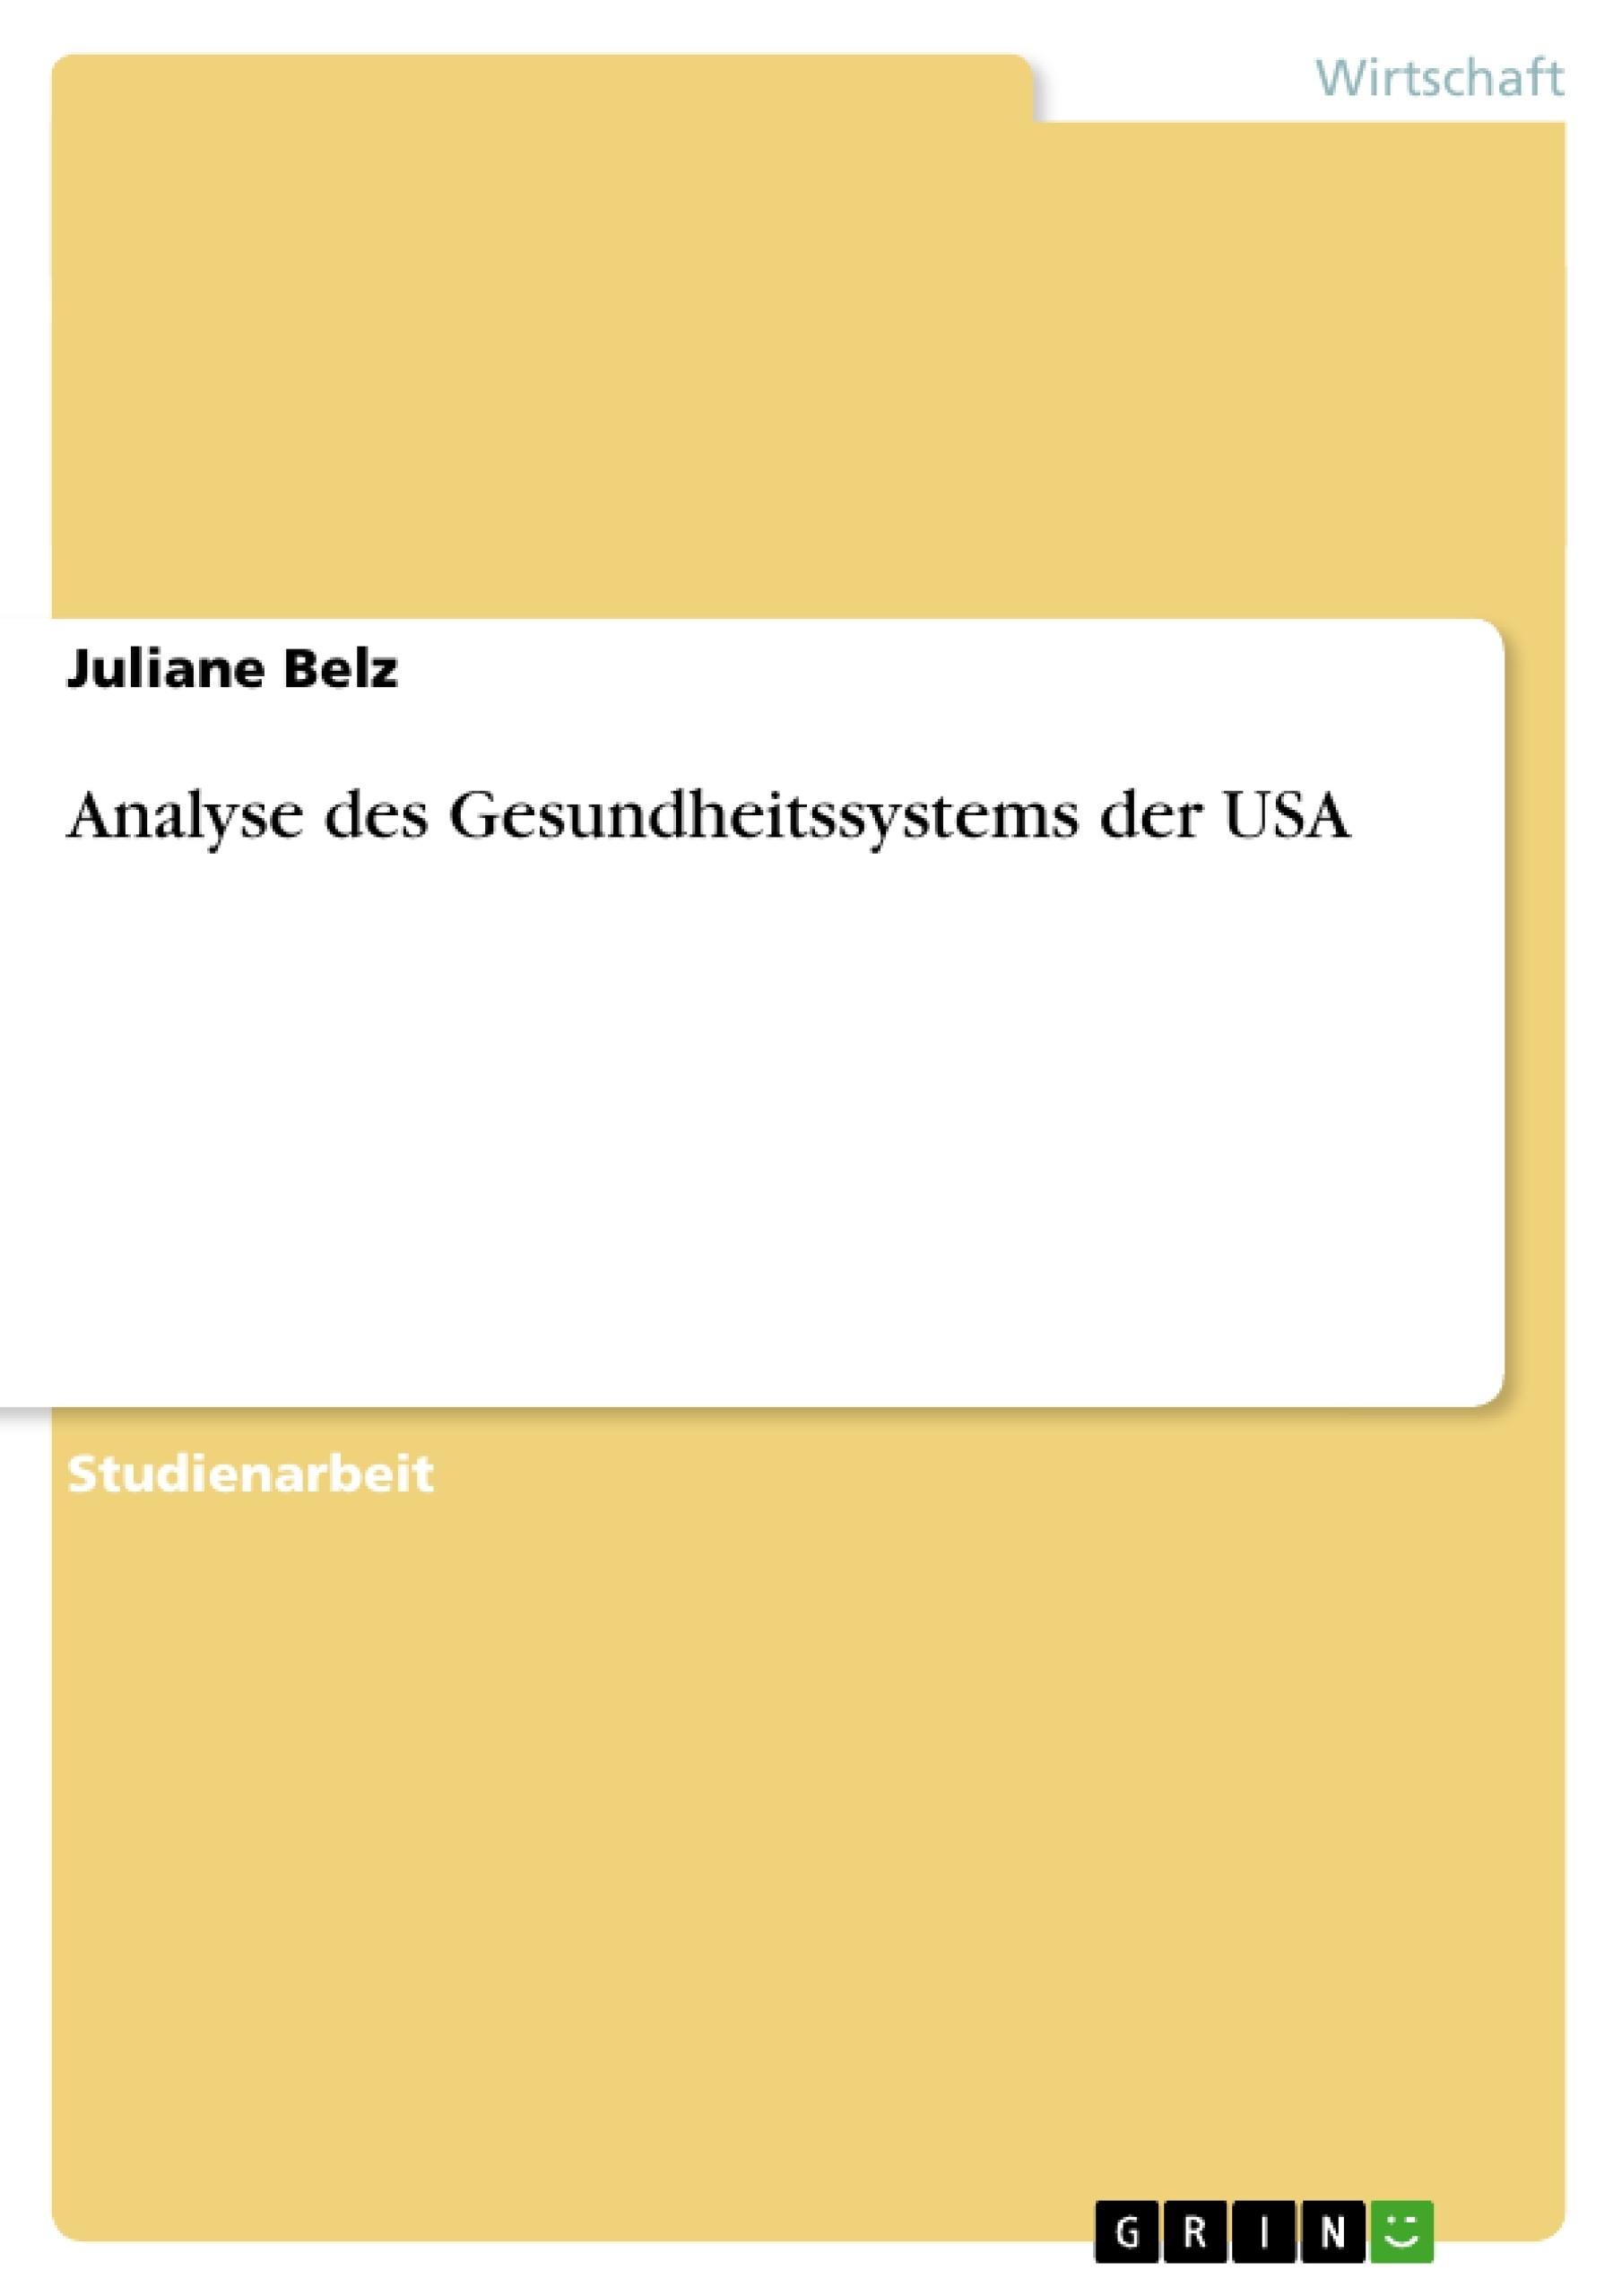 Titel: Analyse des Gesundheitssystems der USA